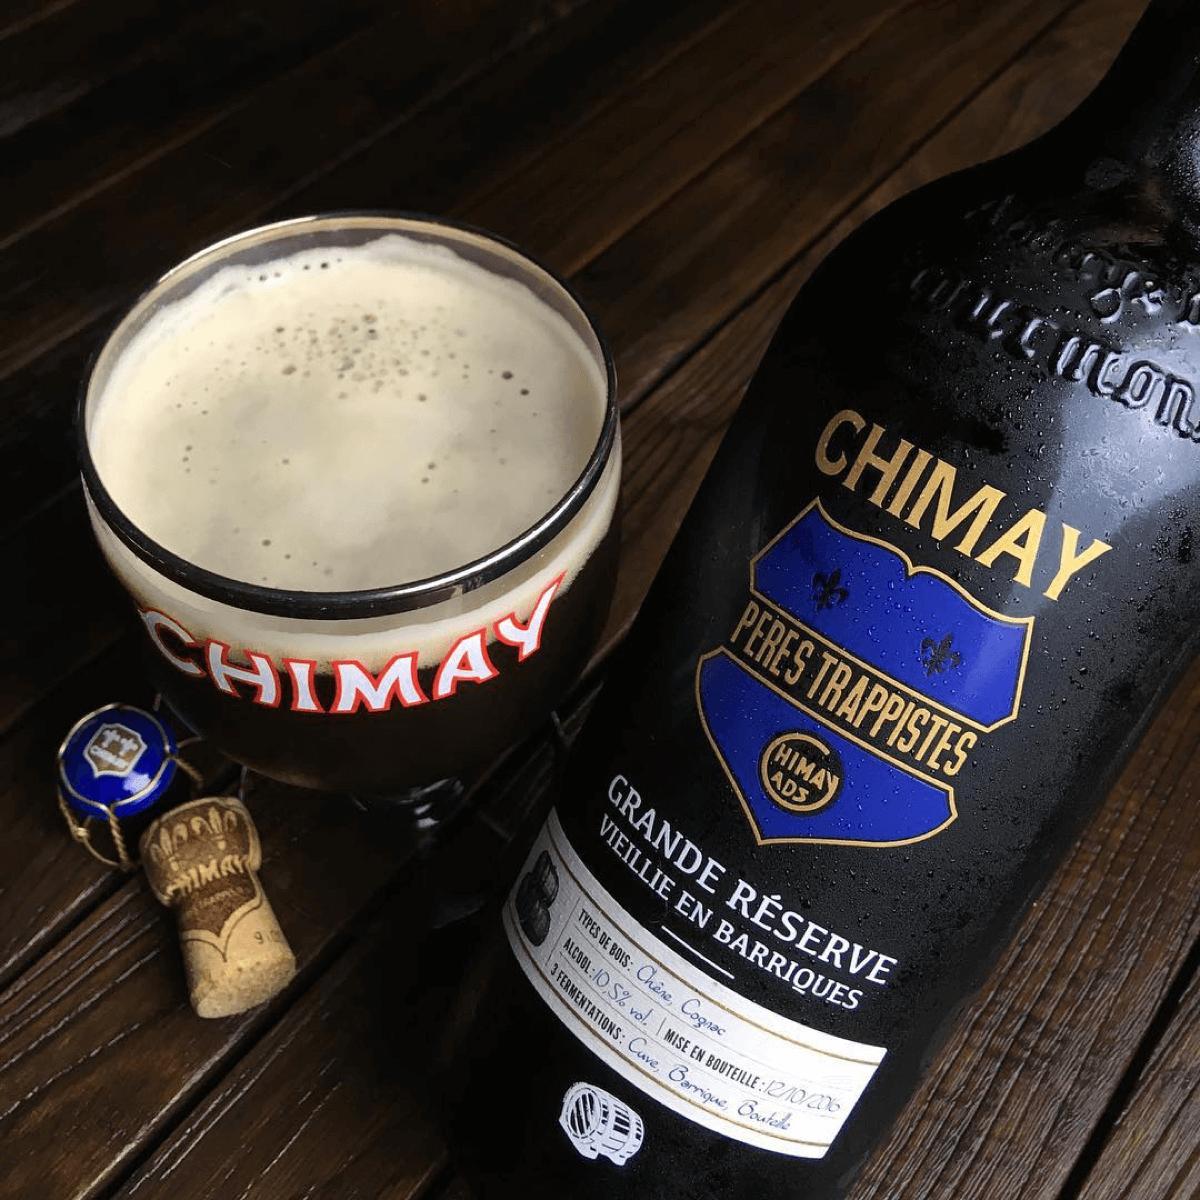 La Chimay Bleue peut aussi se déguster en grande bouteille, veillie en cave dans de vieilles barriques